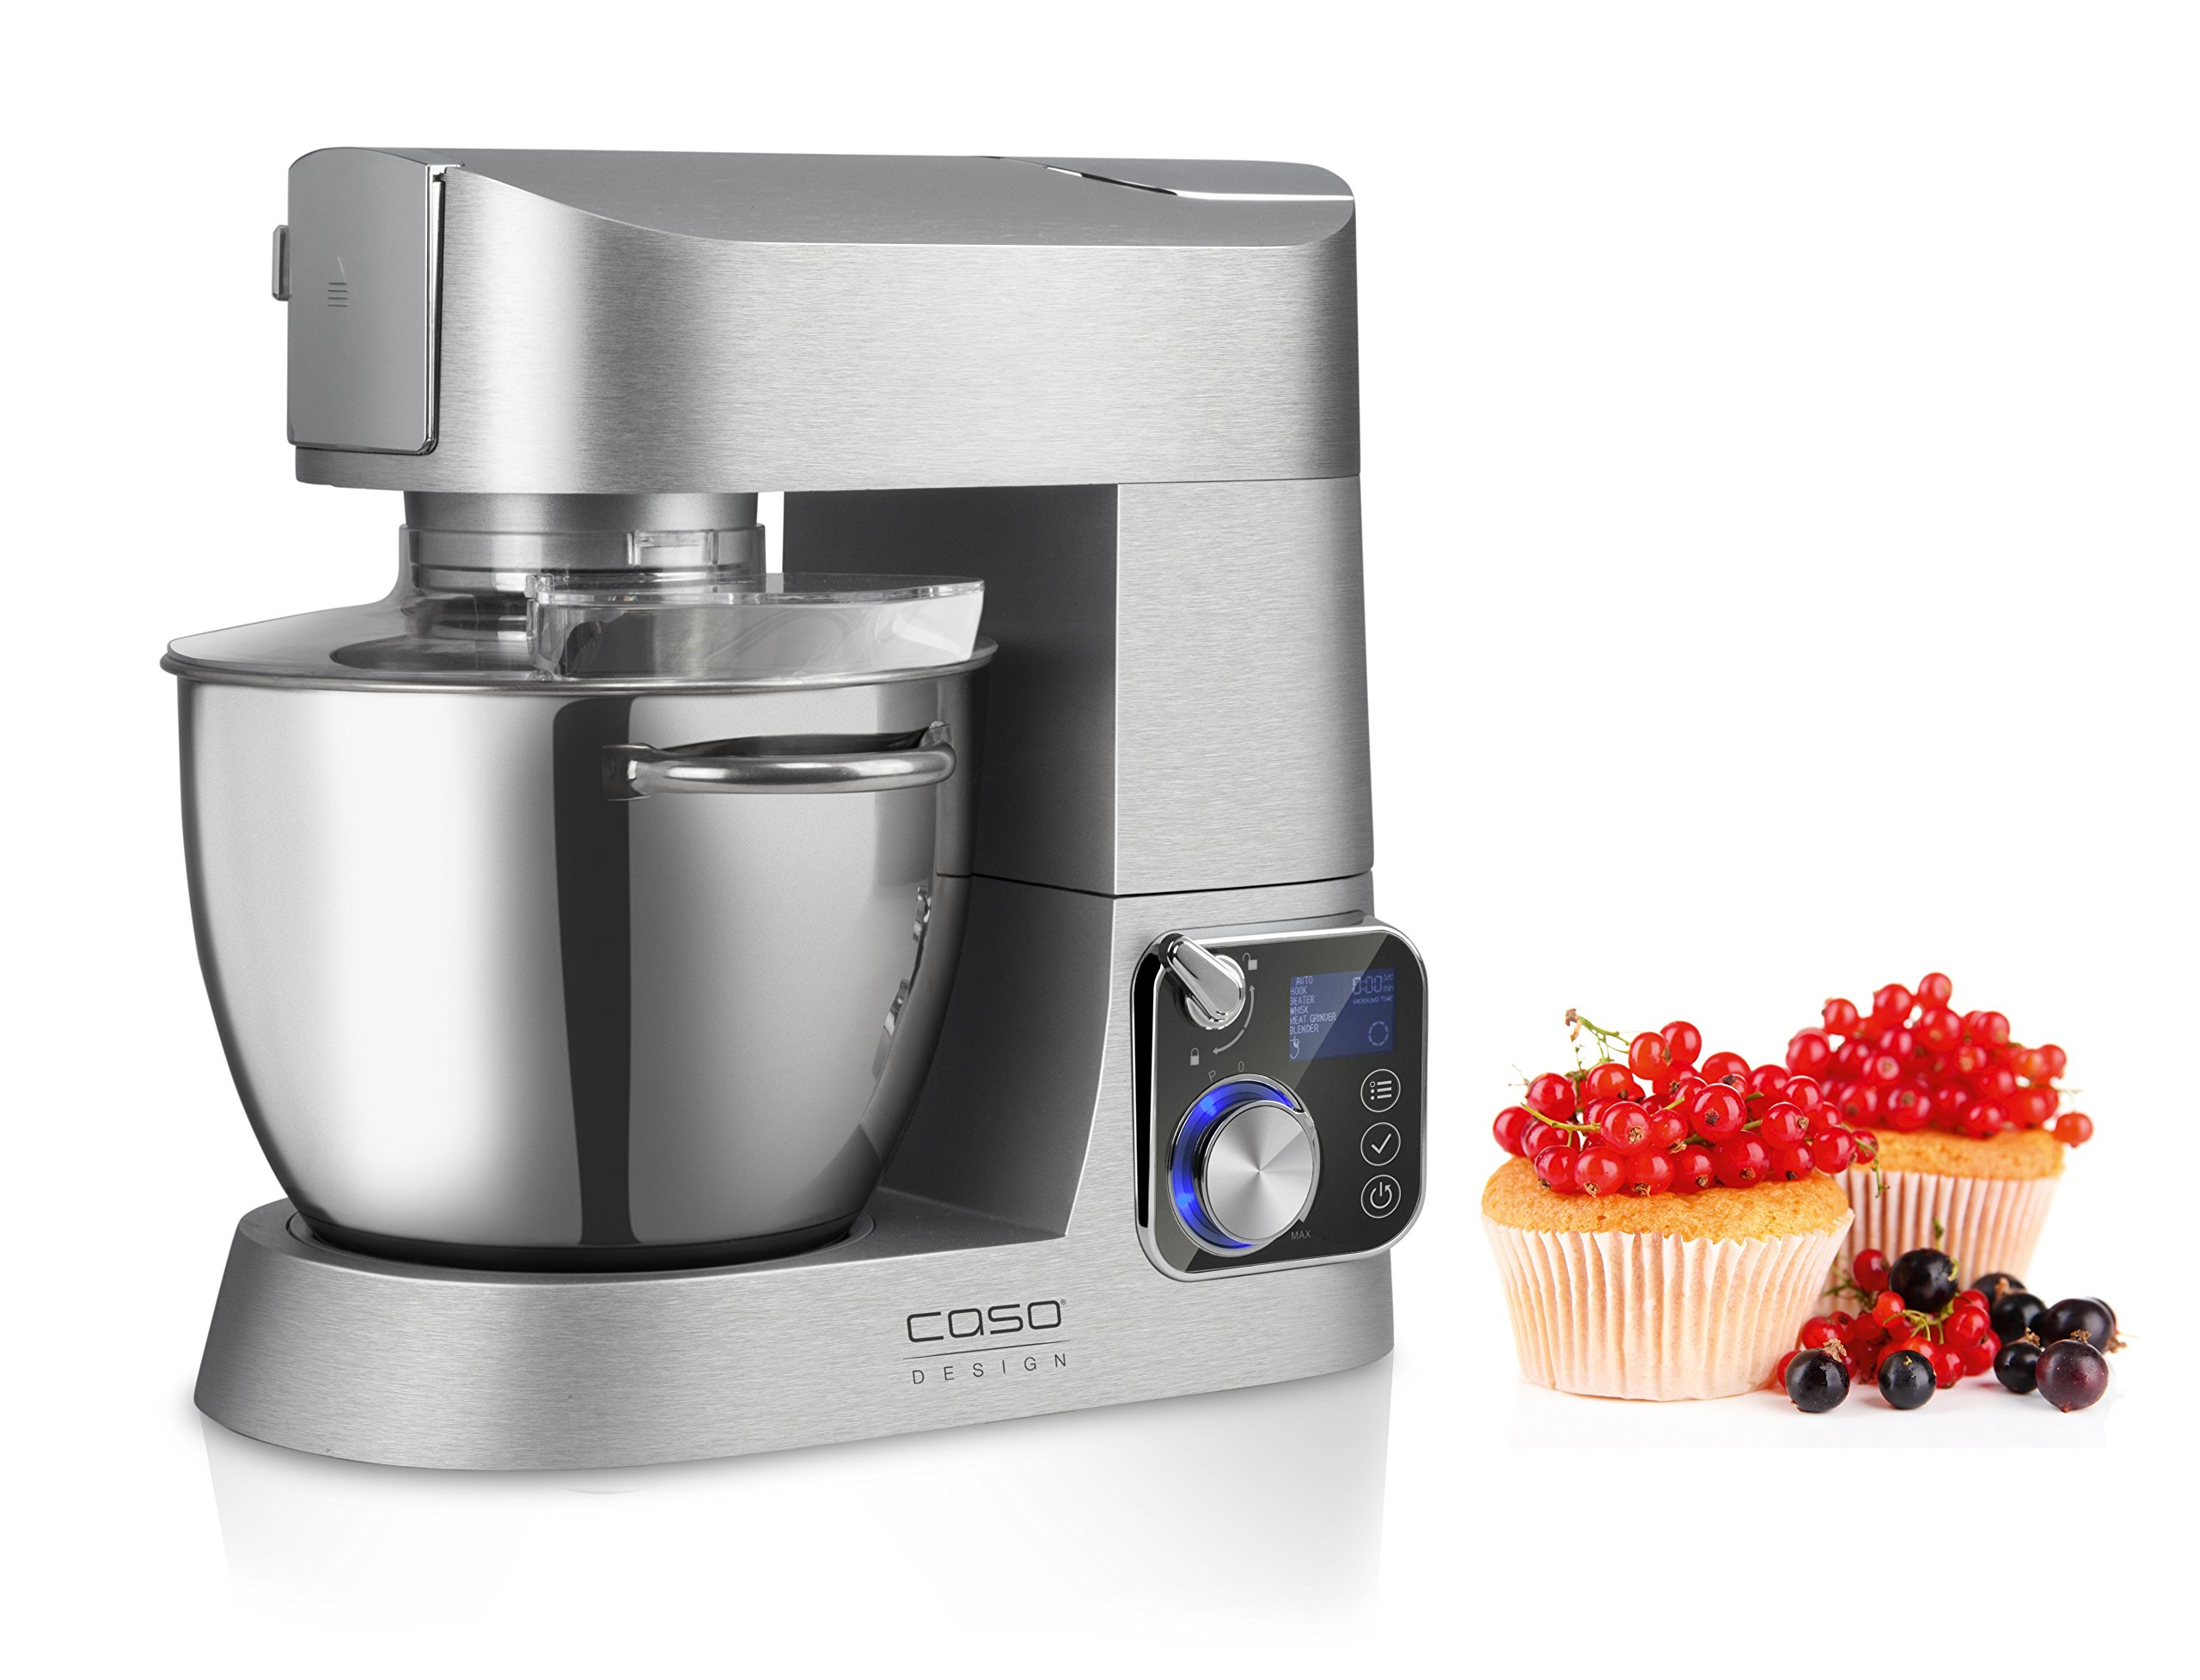 CASO-KM1200-Design-Kchenmaschine-mit-umfangreichem-Zubehr-hochwertiges-Gehuse-aus-Aluminium-Druckguss-1200-Watt-Edelstahl-Rhrschssel-mit-55-Liter-Kapazitt